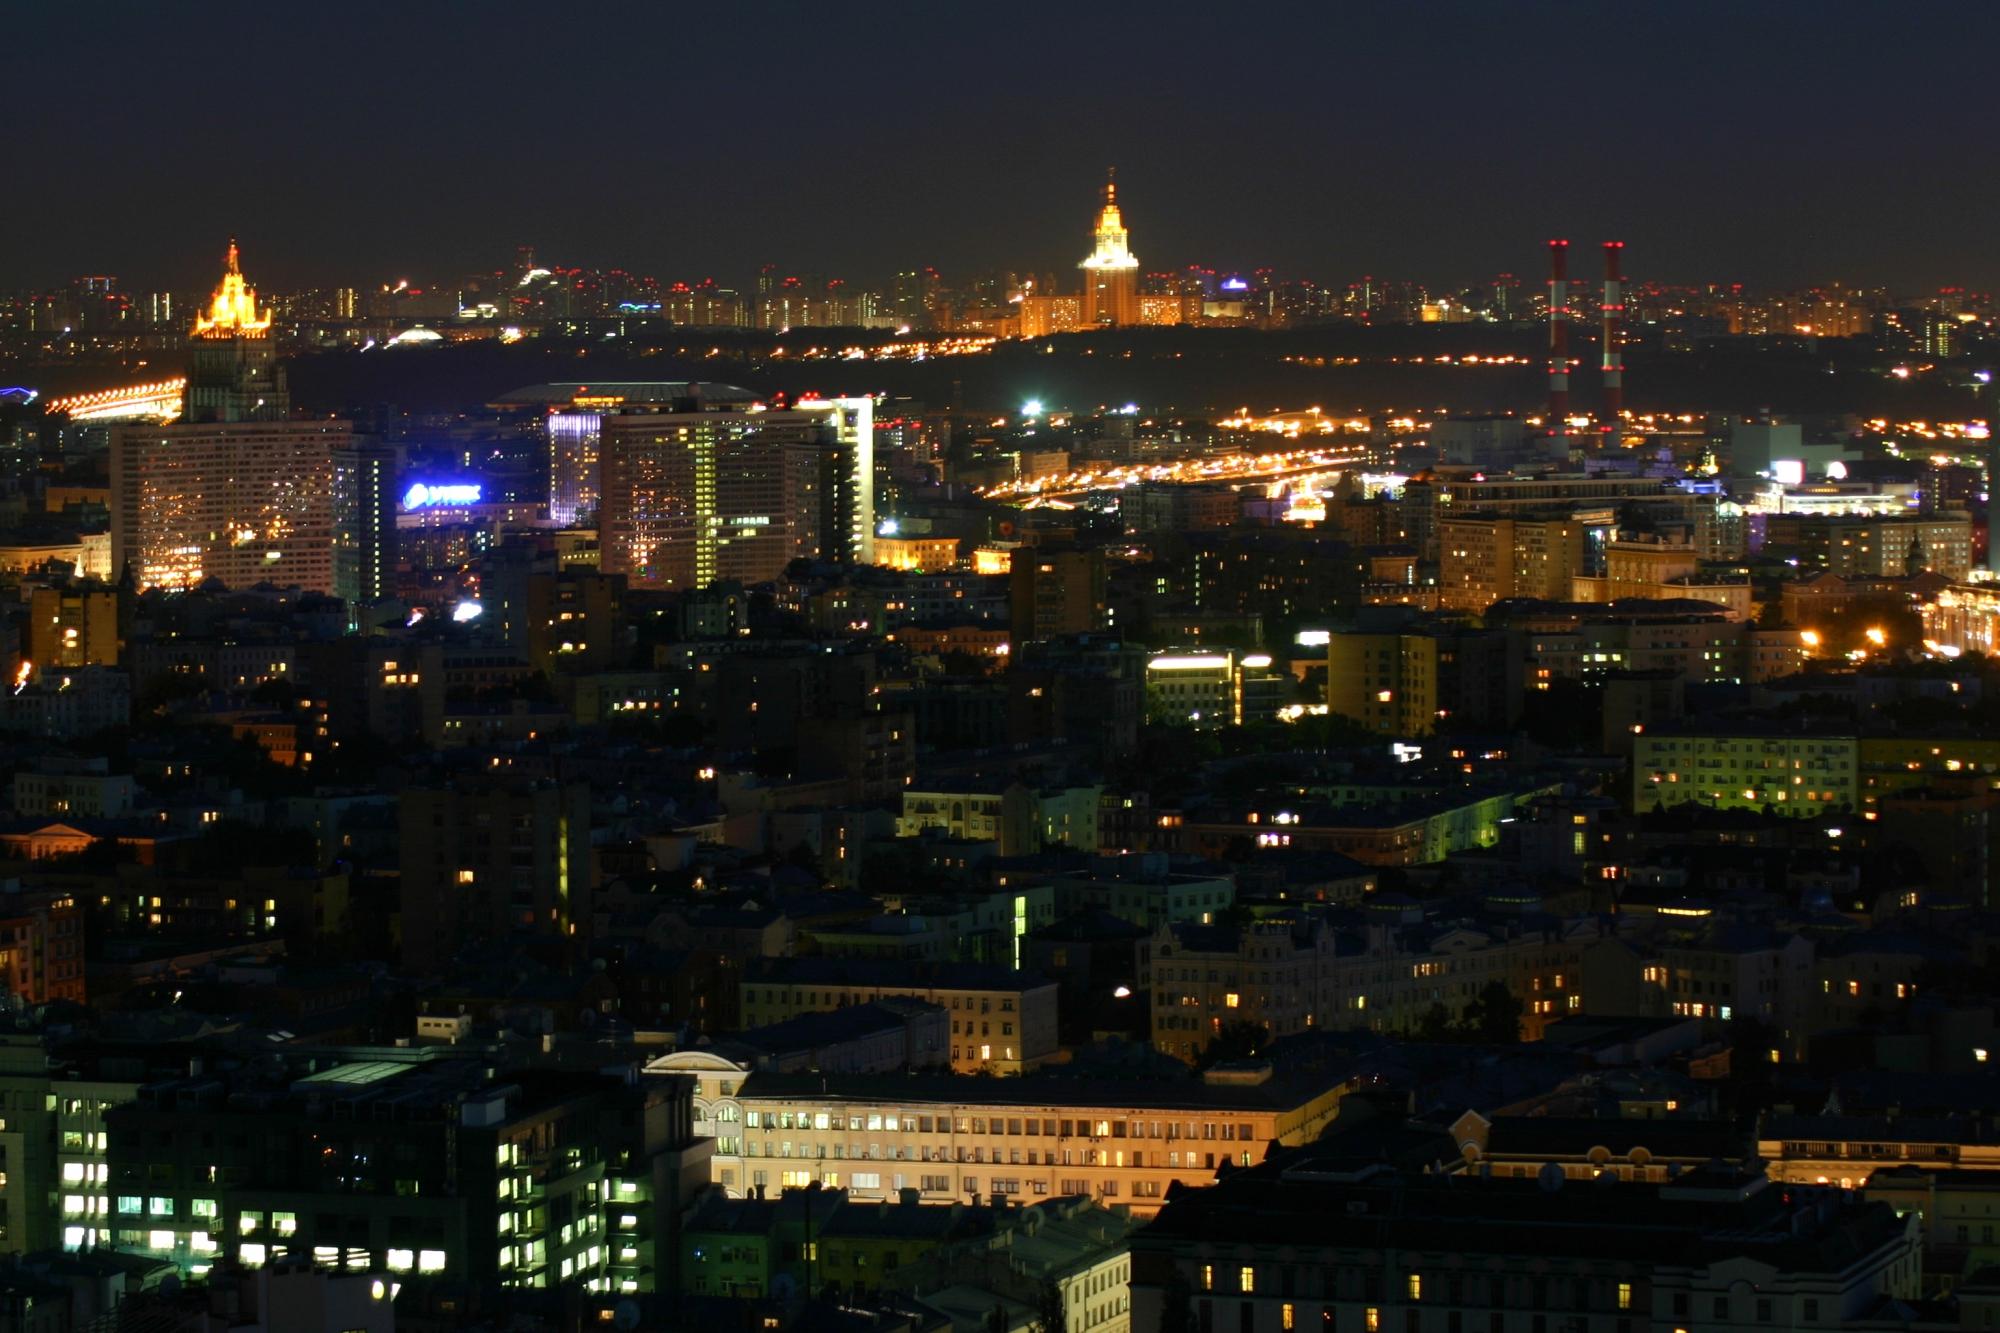 Ночная москва с высотки фото картинка